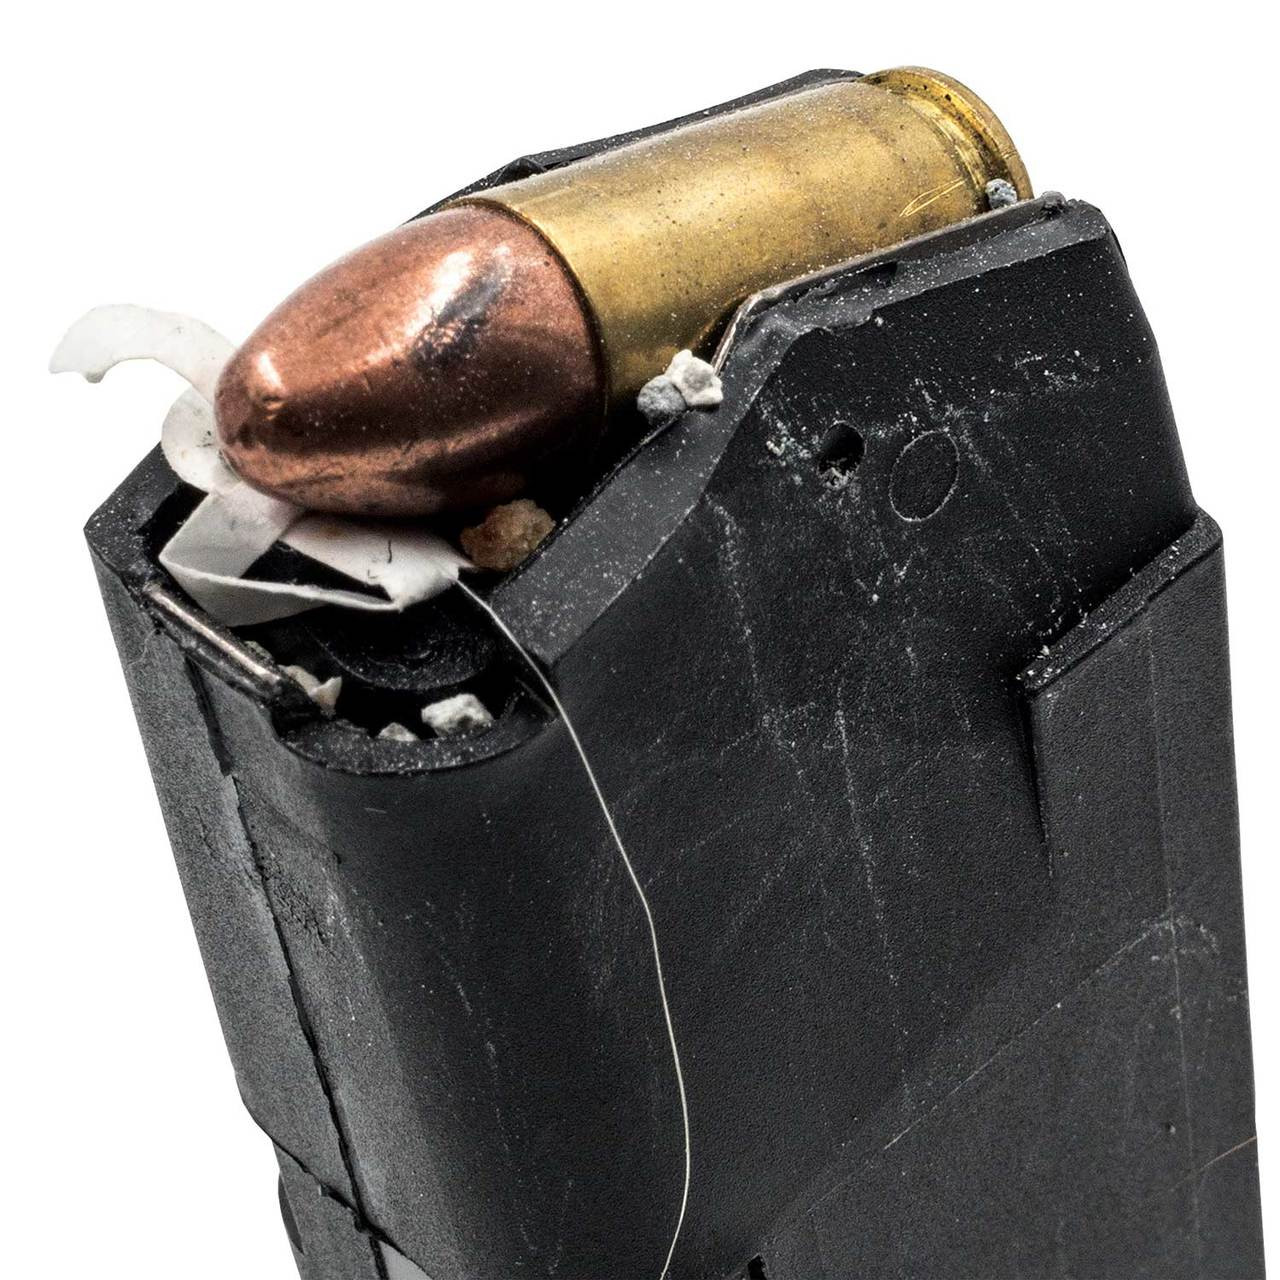 AA-08: Ammo Armor